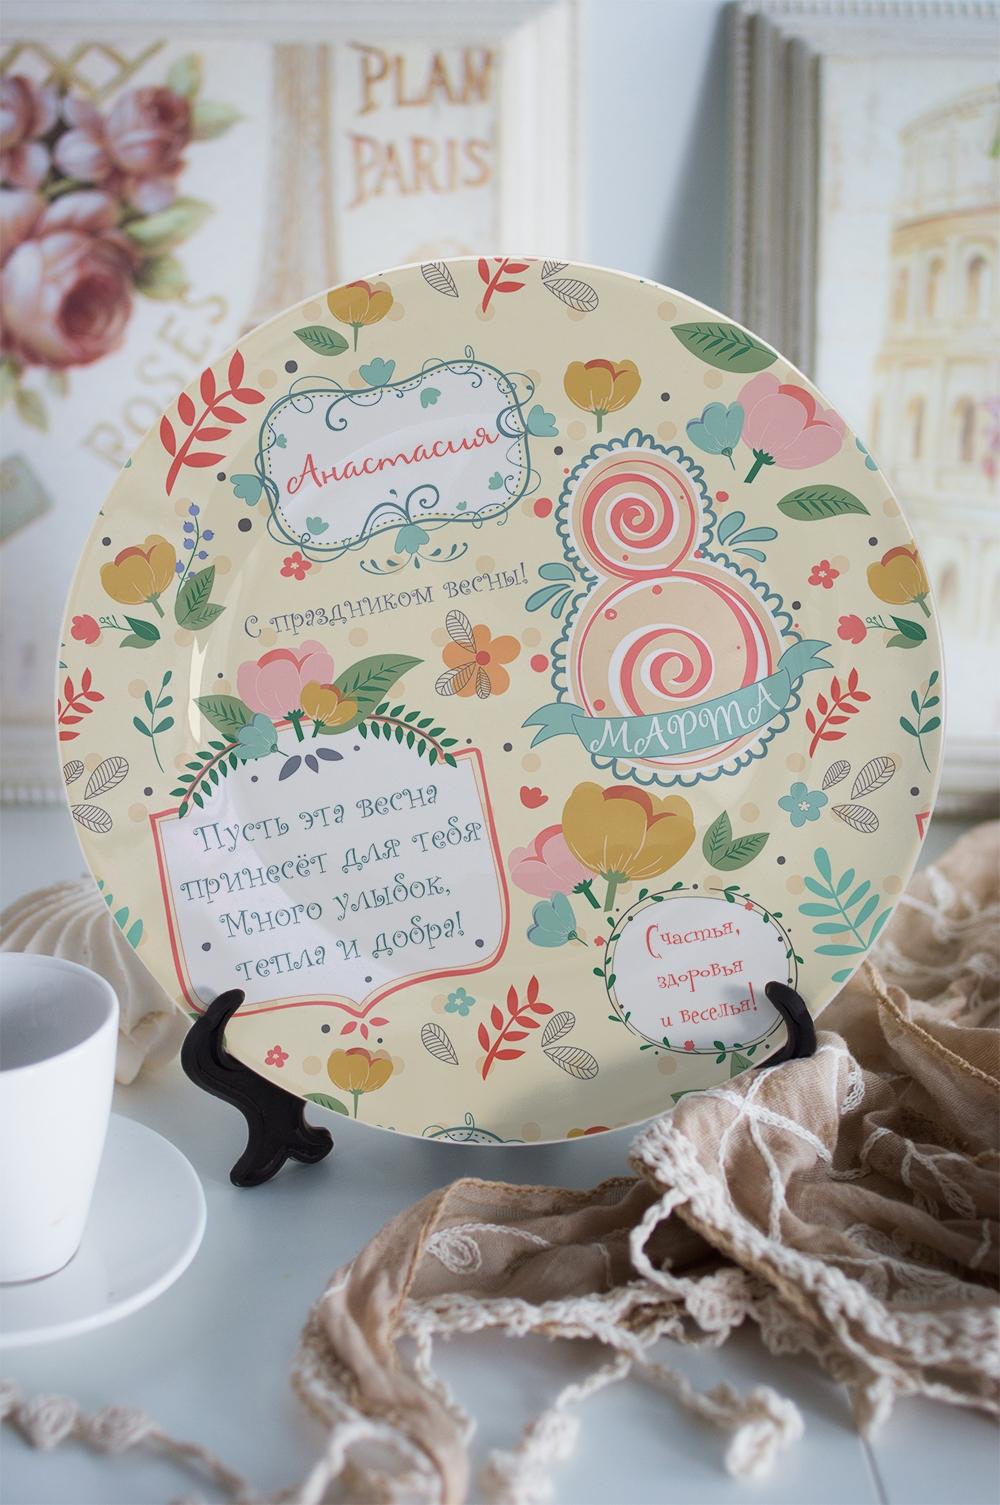 Тарелка декоративная с вашим текстом С праздником весны!Посуда<br>Подарите необыкновенный сувенир с индивидуальной надписью и именем – такая декоративная тарелка станет эксклюзивным украшением для интерьера и незабываемым подарком! Выберите понравившийся фон, впишите любимую фразу, имя получателя. Диаметр 20см<br>